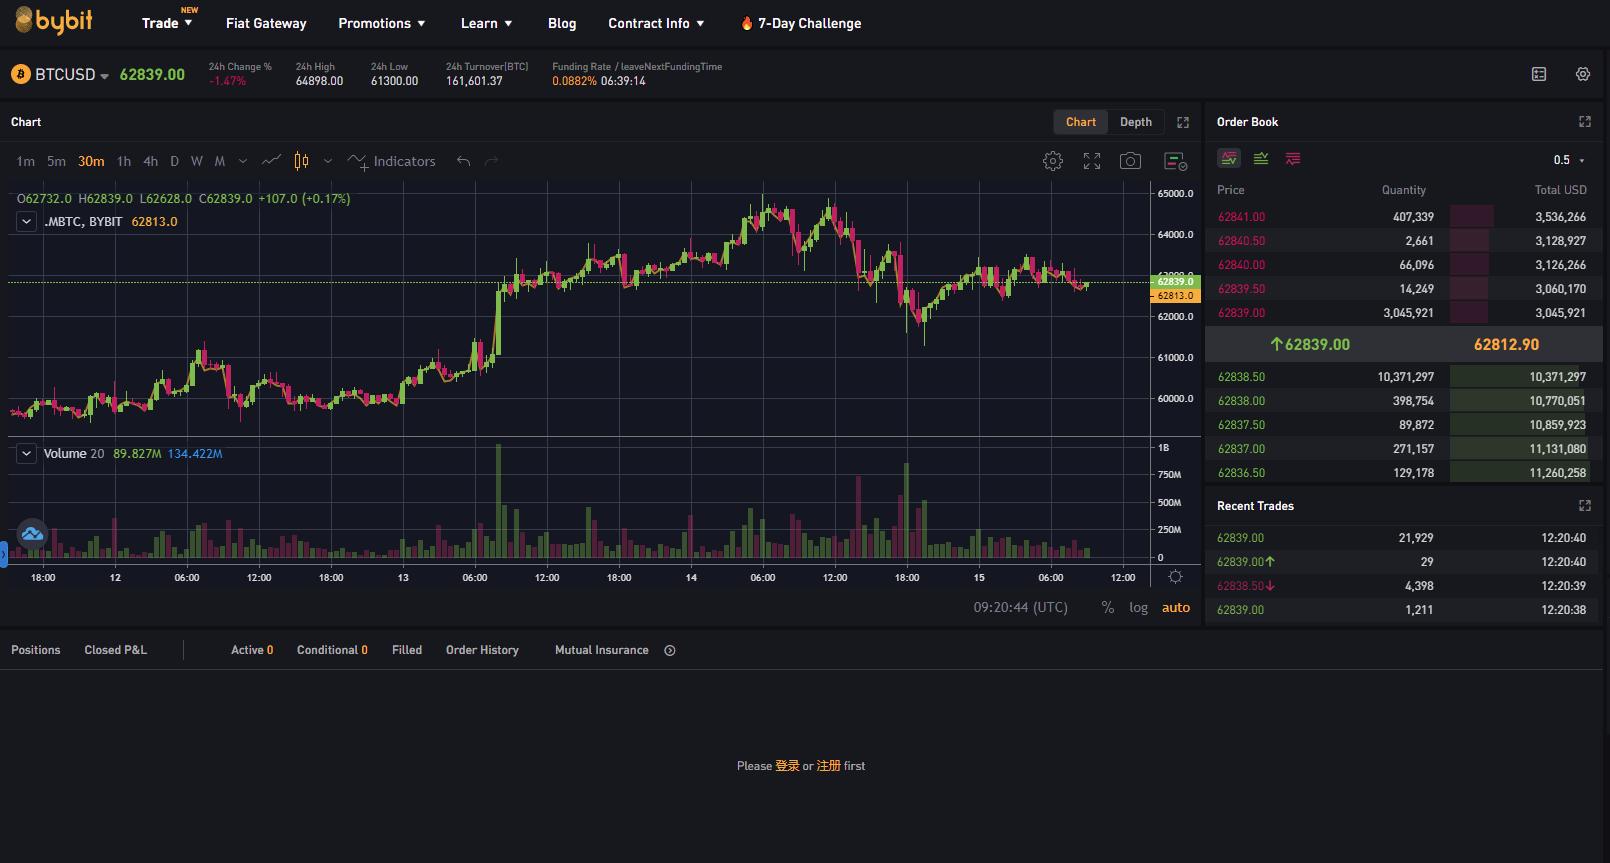 Где торговать криптовалютой: обзор основных спотовых и фьючерсных бирж